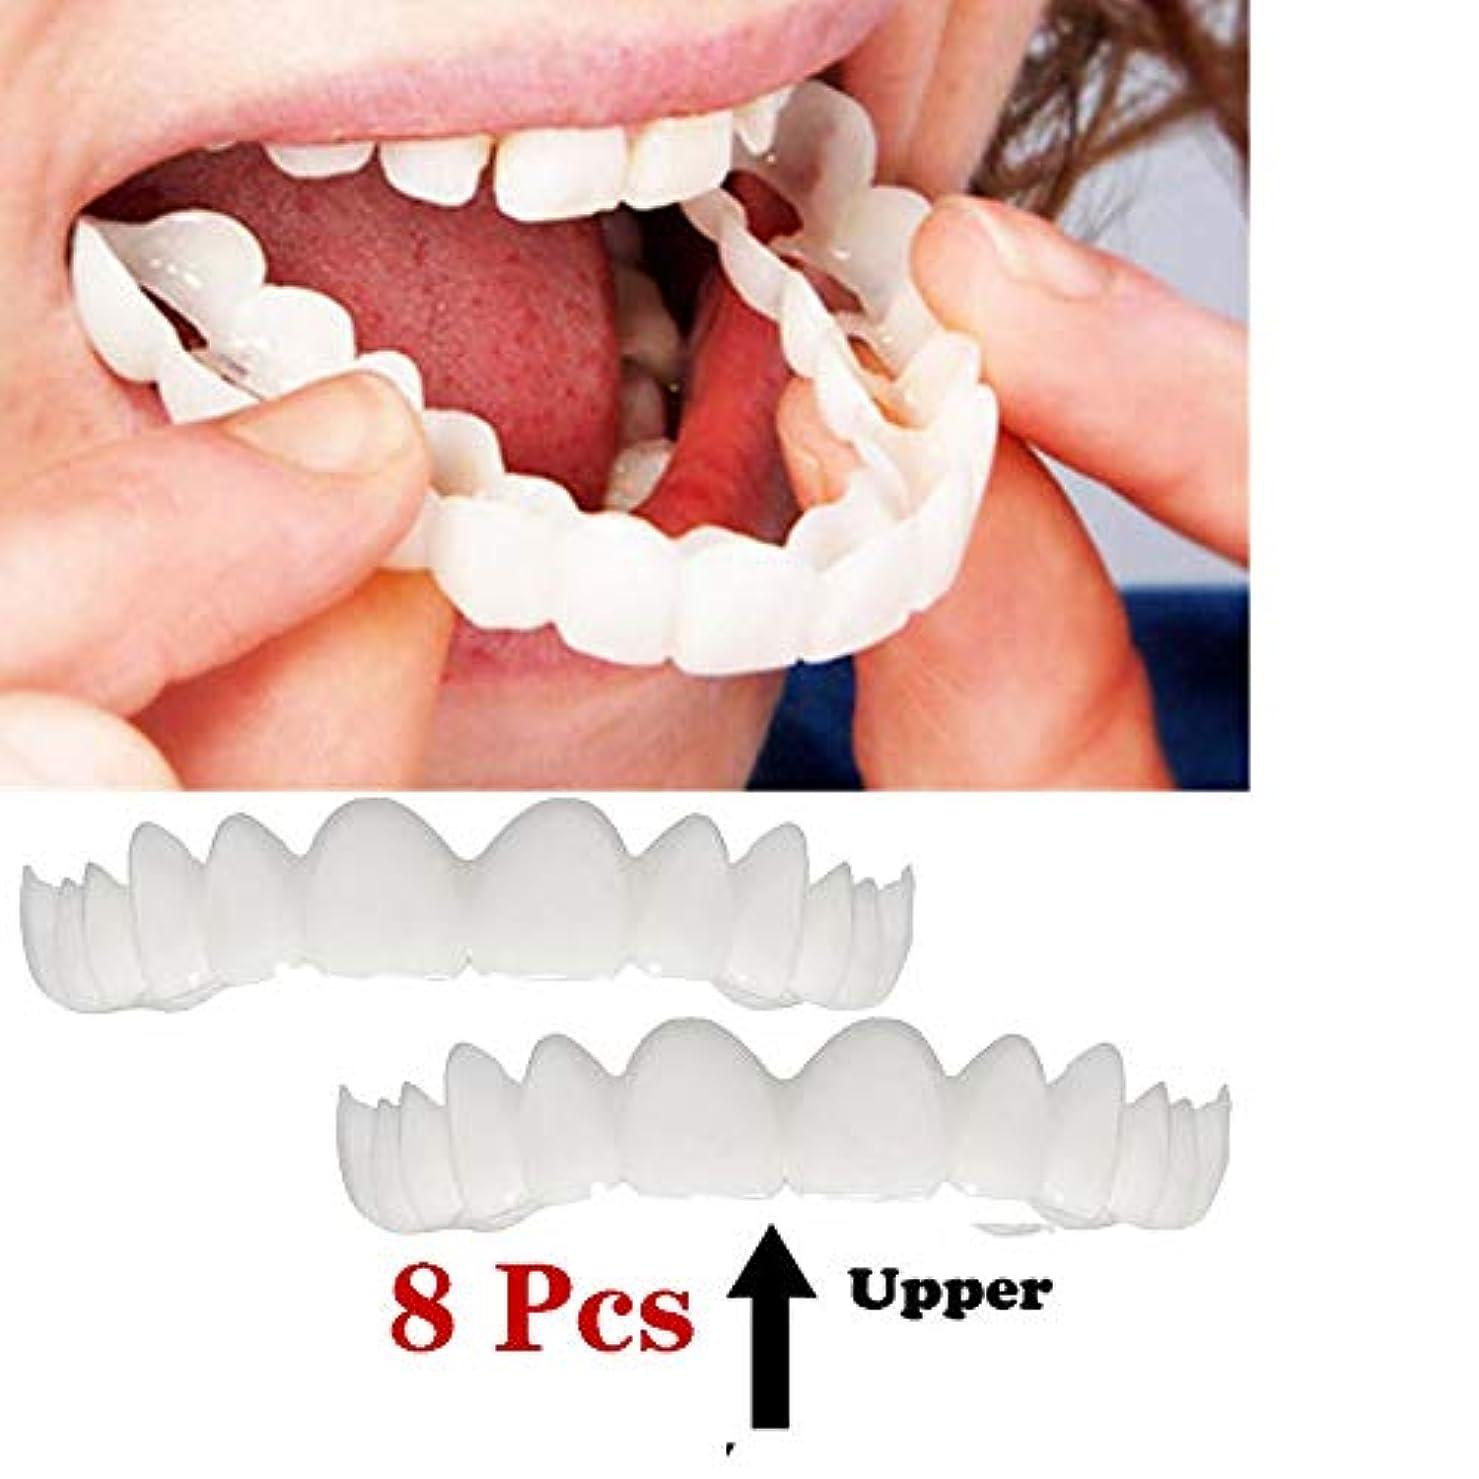 私たち兵器庫悪夢8ピース突き板歯仮化粧品歯義歯歯模擬ブレースアッパーブレースホワイトニング歯スナップキャップインスタント快適なフレックスパーフェクトベニア